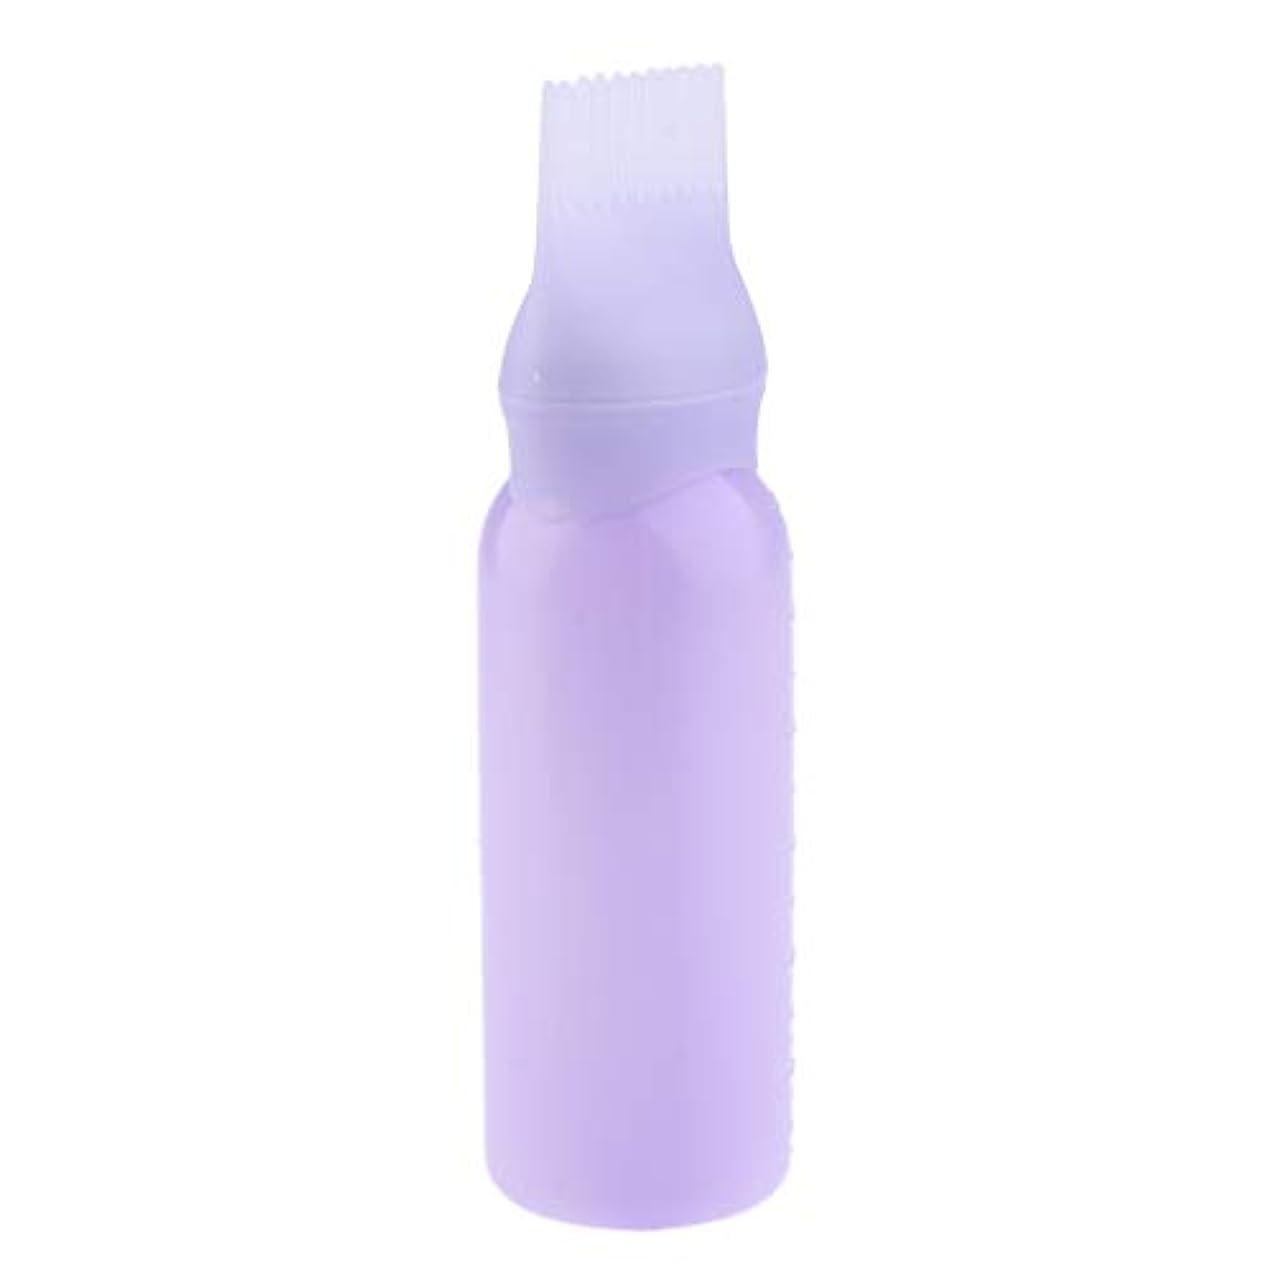 プレゼン舌な雑種ヘアダイボトル ヘアカラー ヘア染色 ディスペンサー アプリケーター 3色選べ - 紫